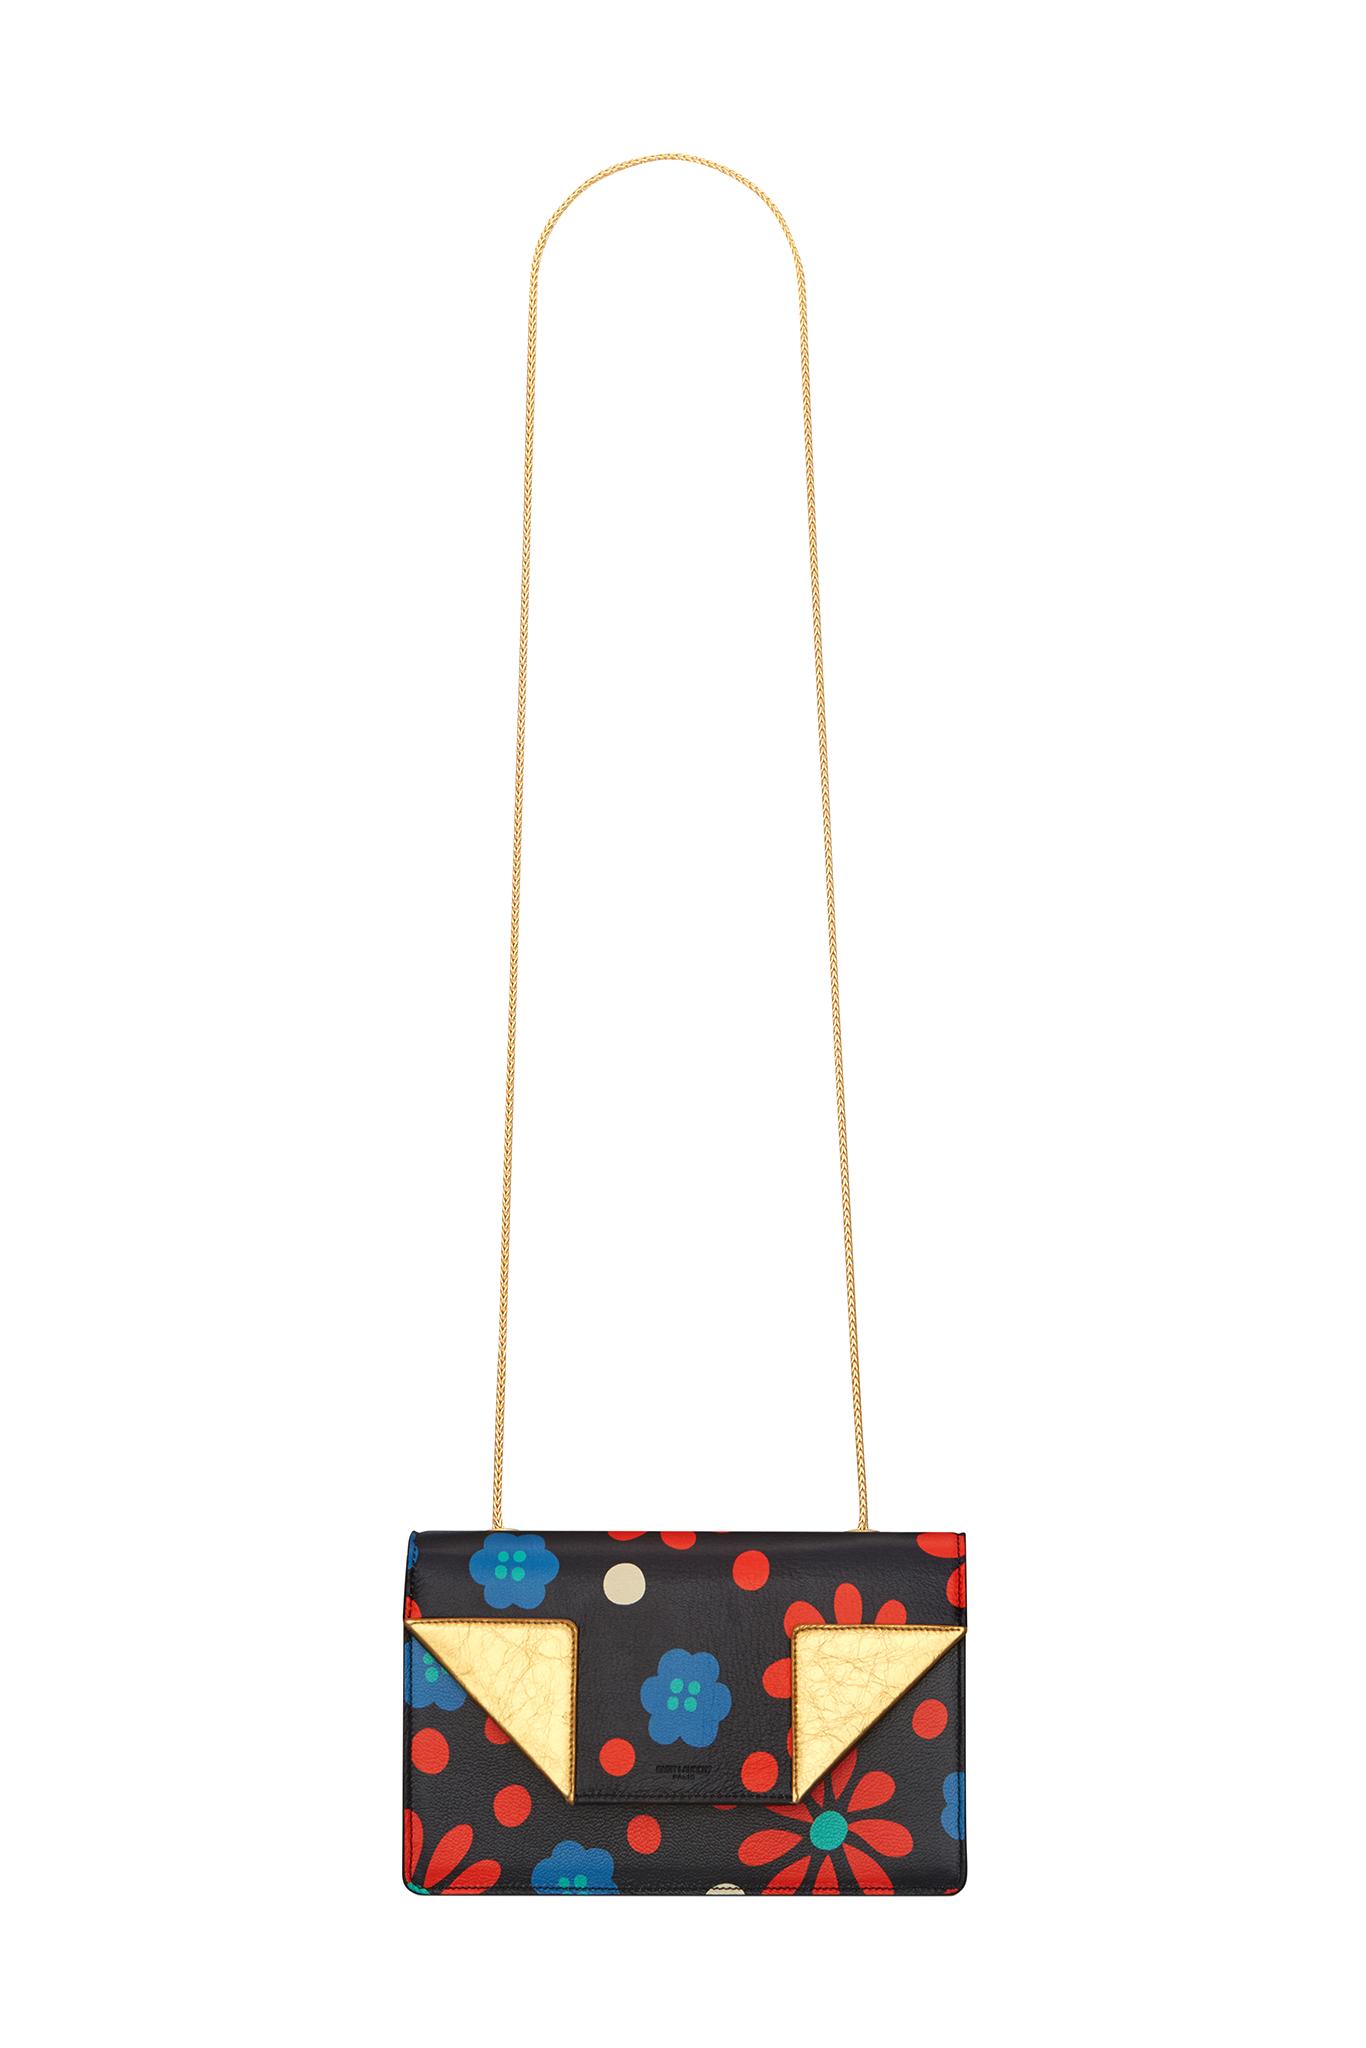 04-08-bags.jpg